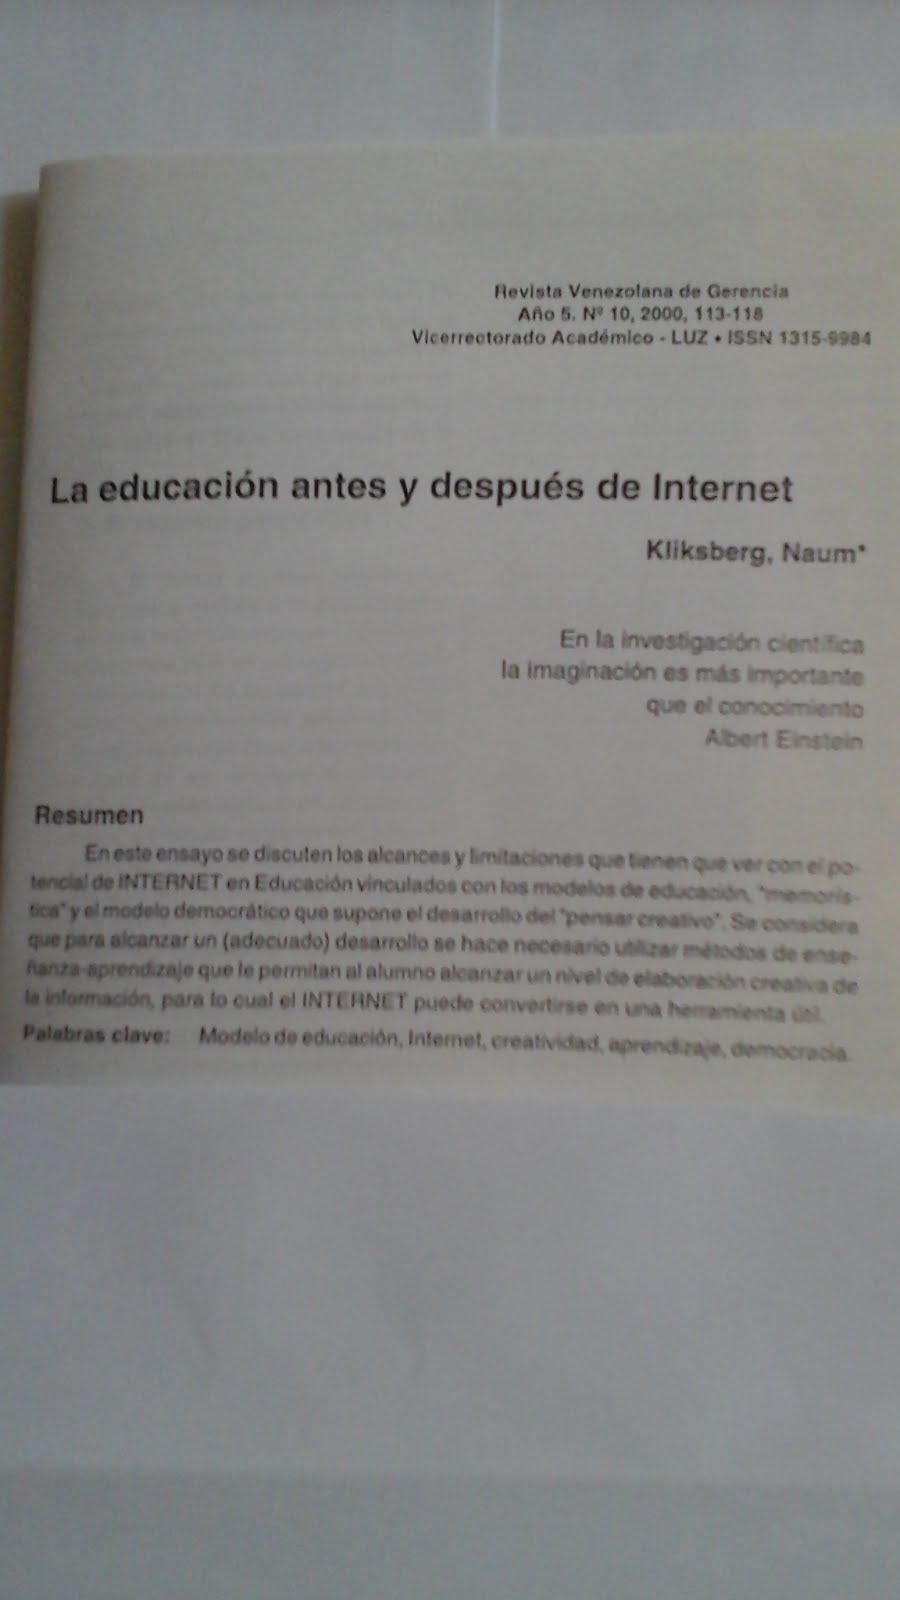 36 - REVISTA DE LA UNIVERSIDAD DE ZULIA, VENEZUELA, 4//2000. PUBLICACIÓN DEL ARTÍCULO DE